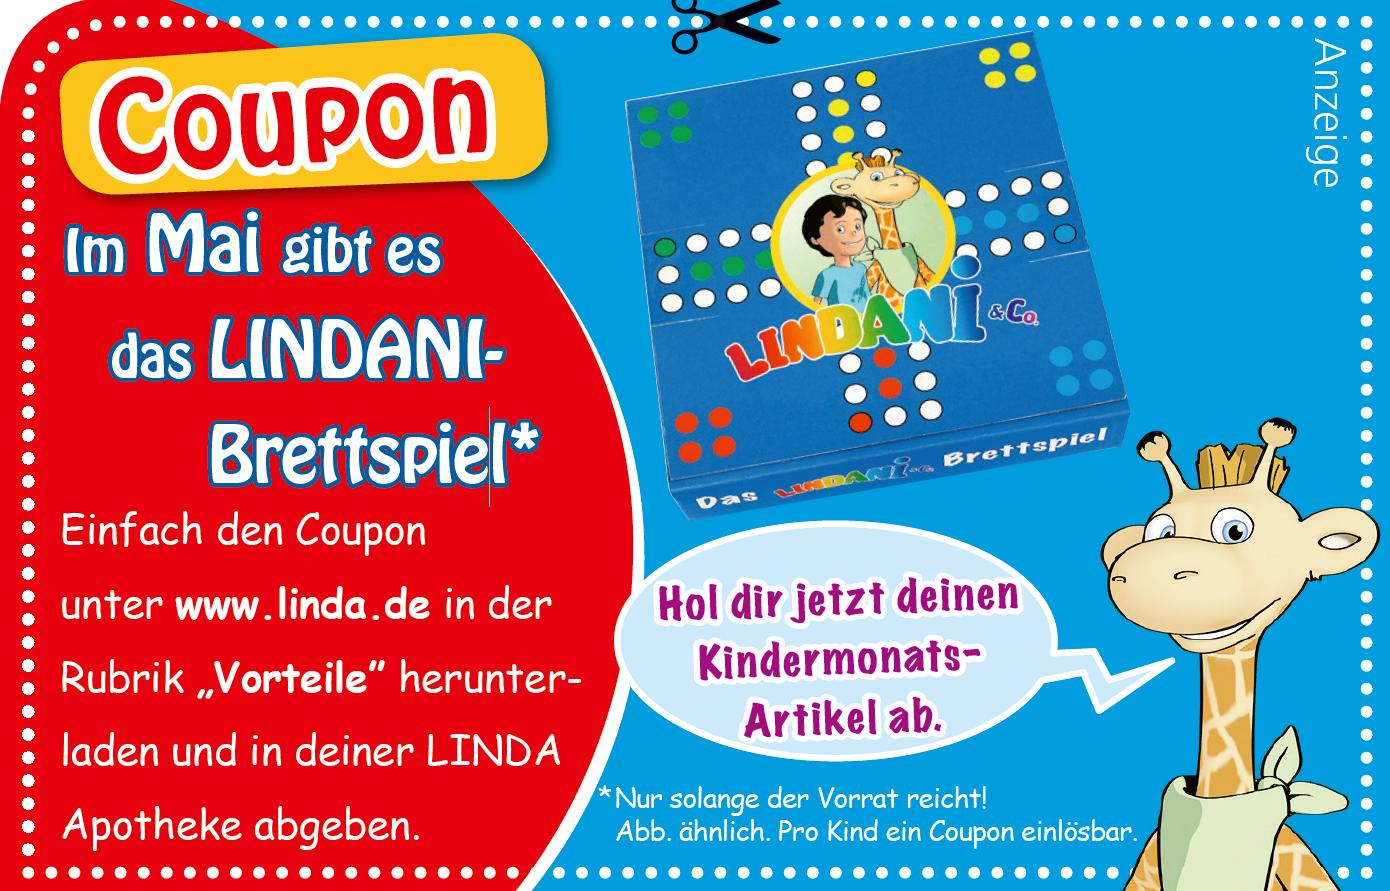 Bild zu Linda Apotheke: Kostenloses Lindani Brettspiel für Kinder